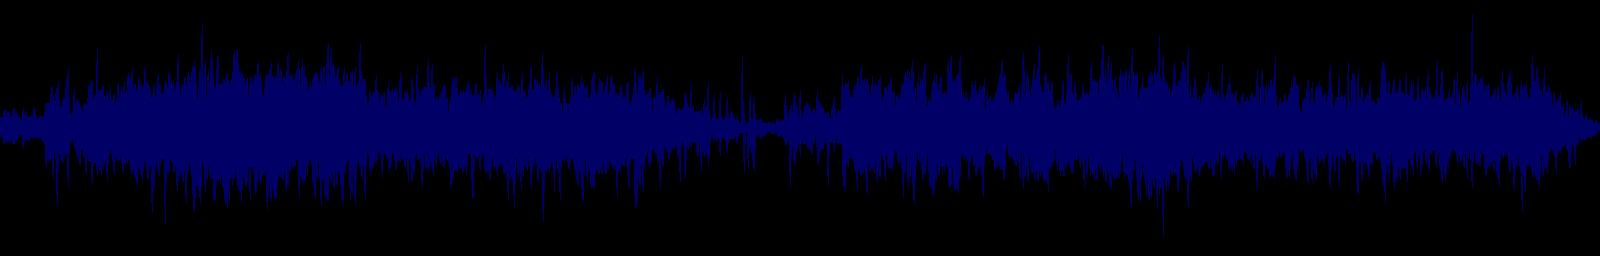 waveform of track #136726